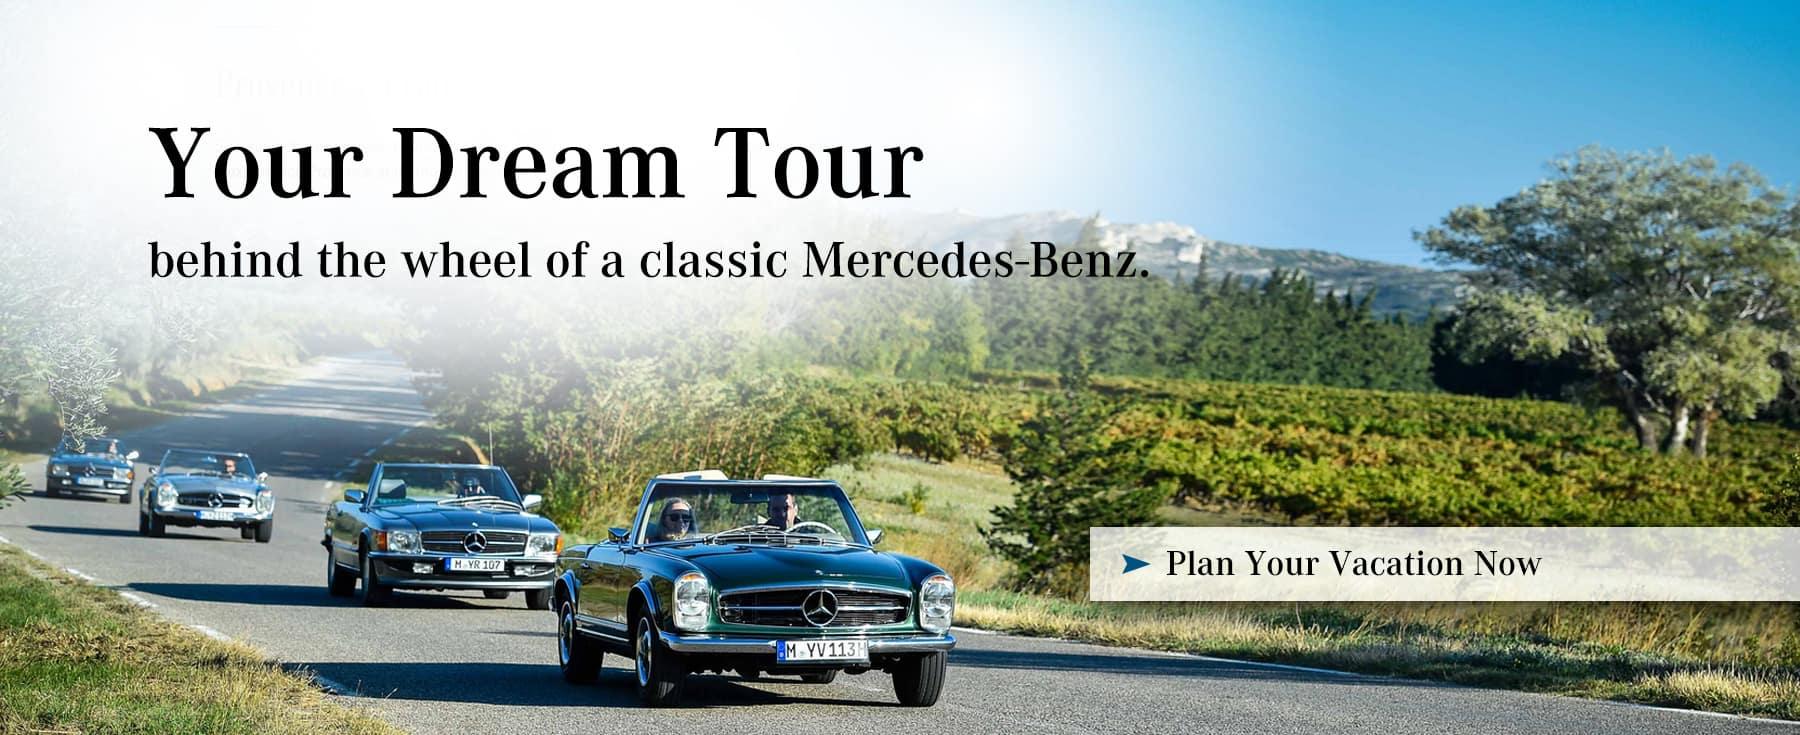 Your Dream Tour